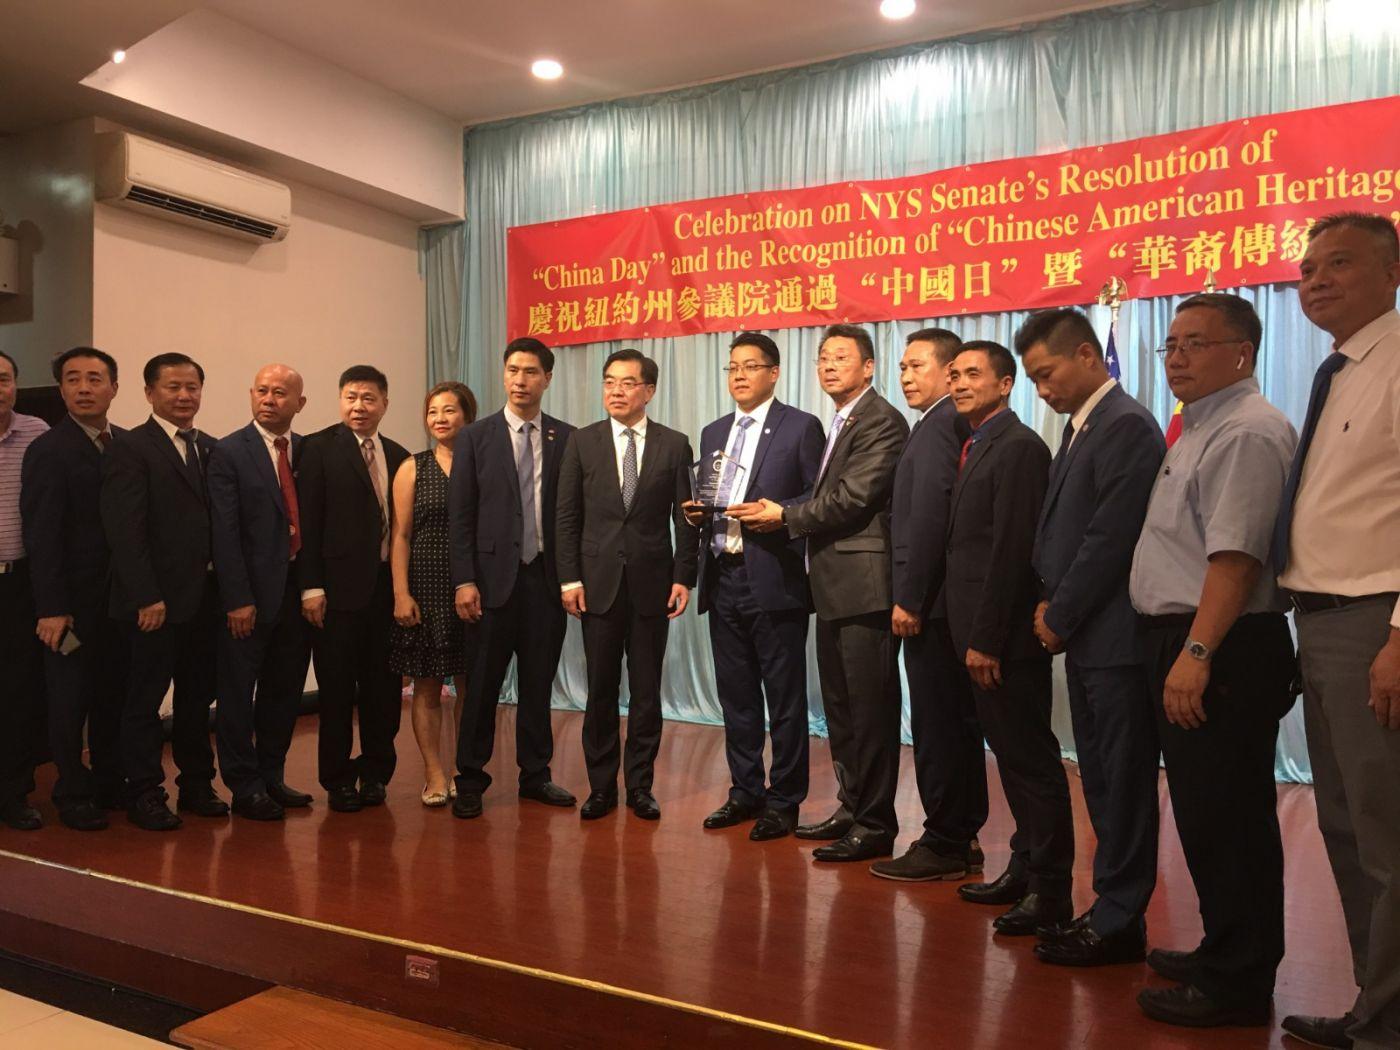 紐約州參議院通過「中國日」決議案慶祝会在紐約舉行_图1-25